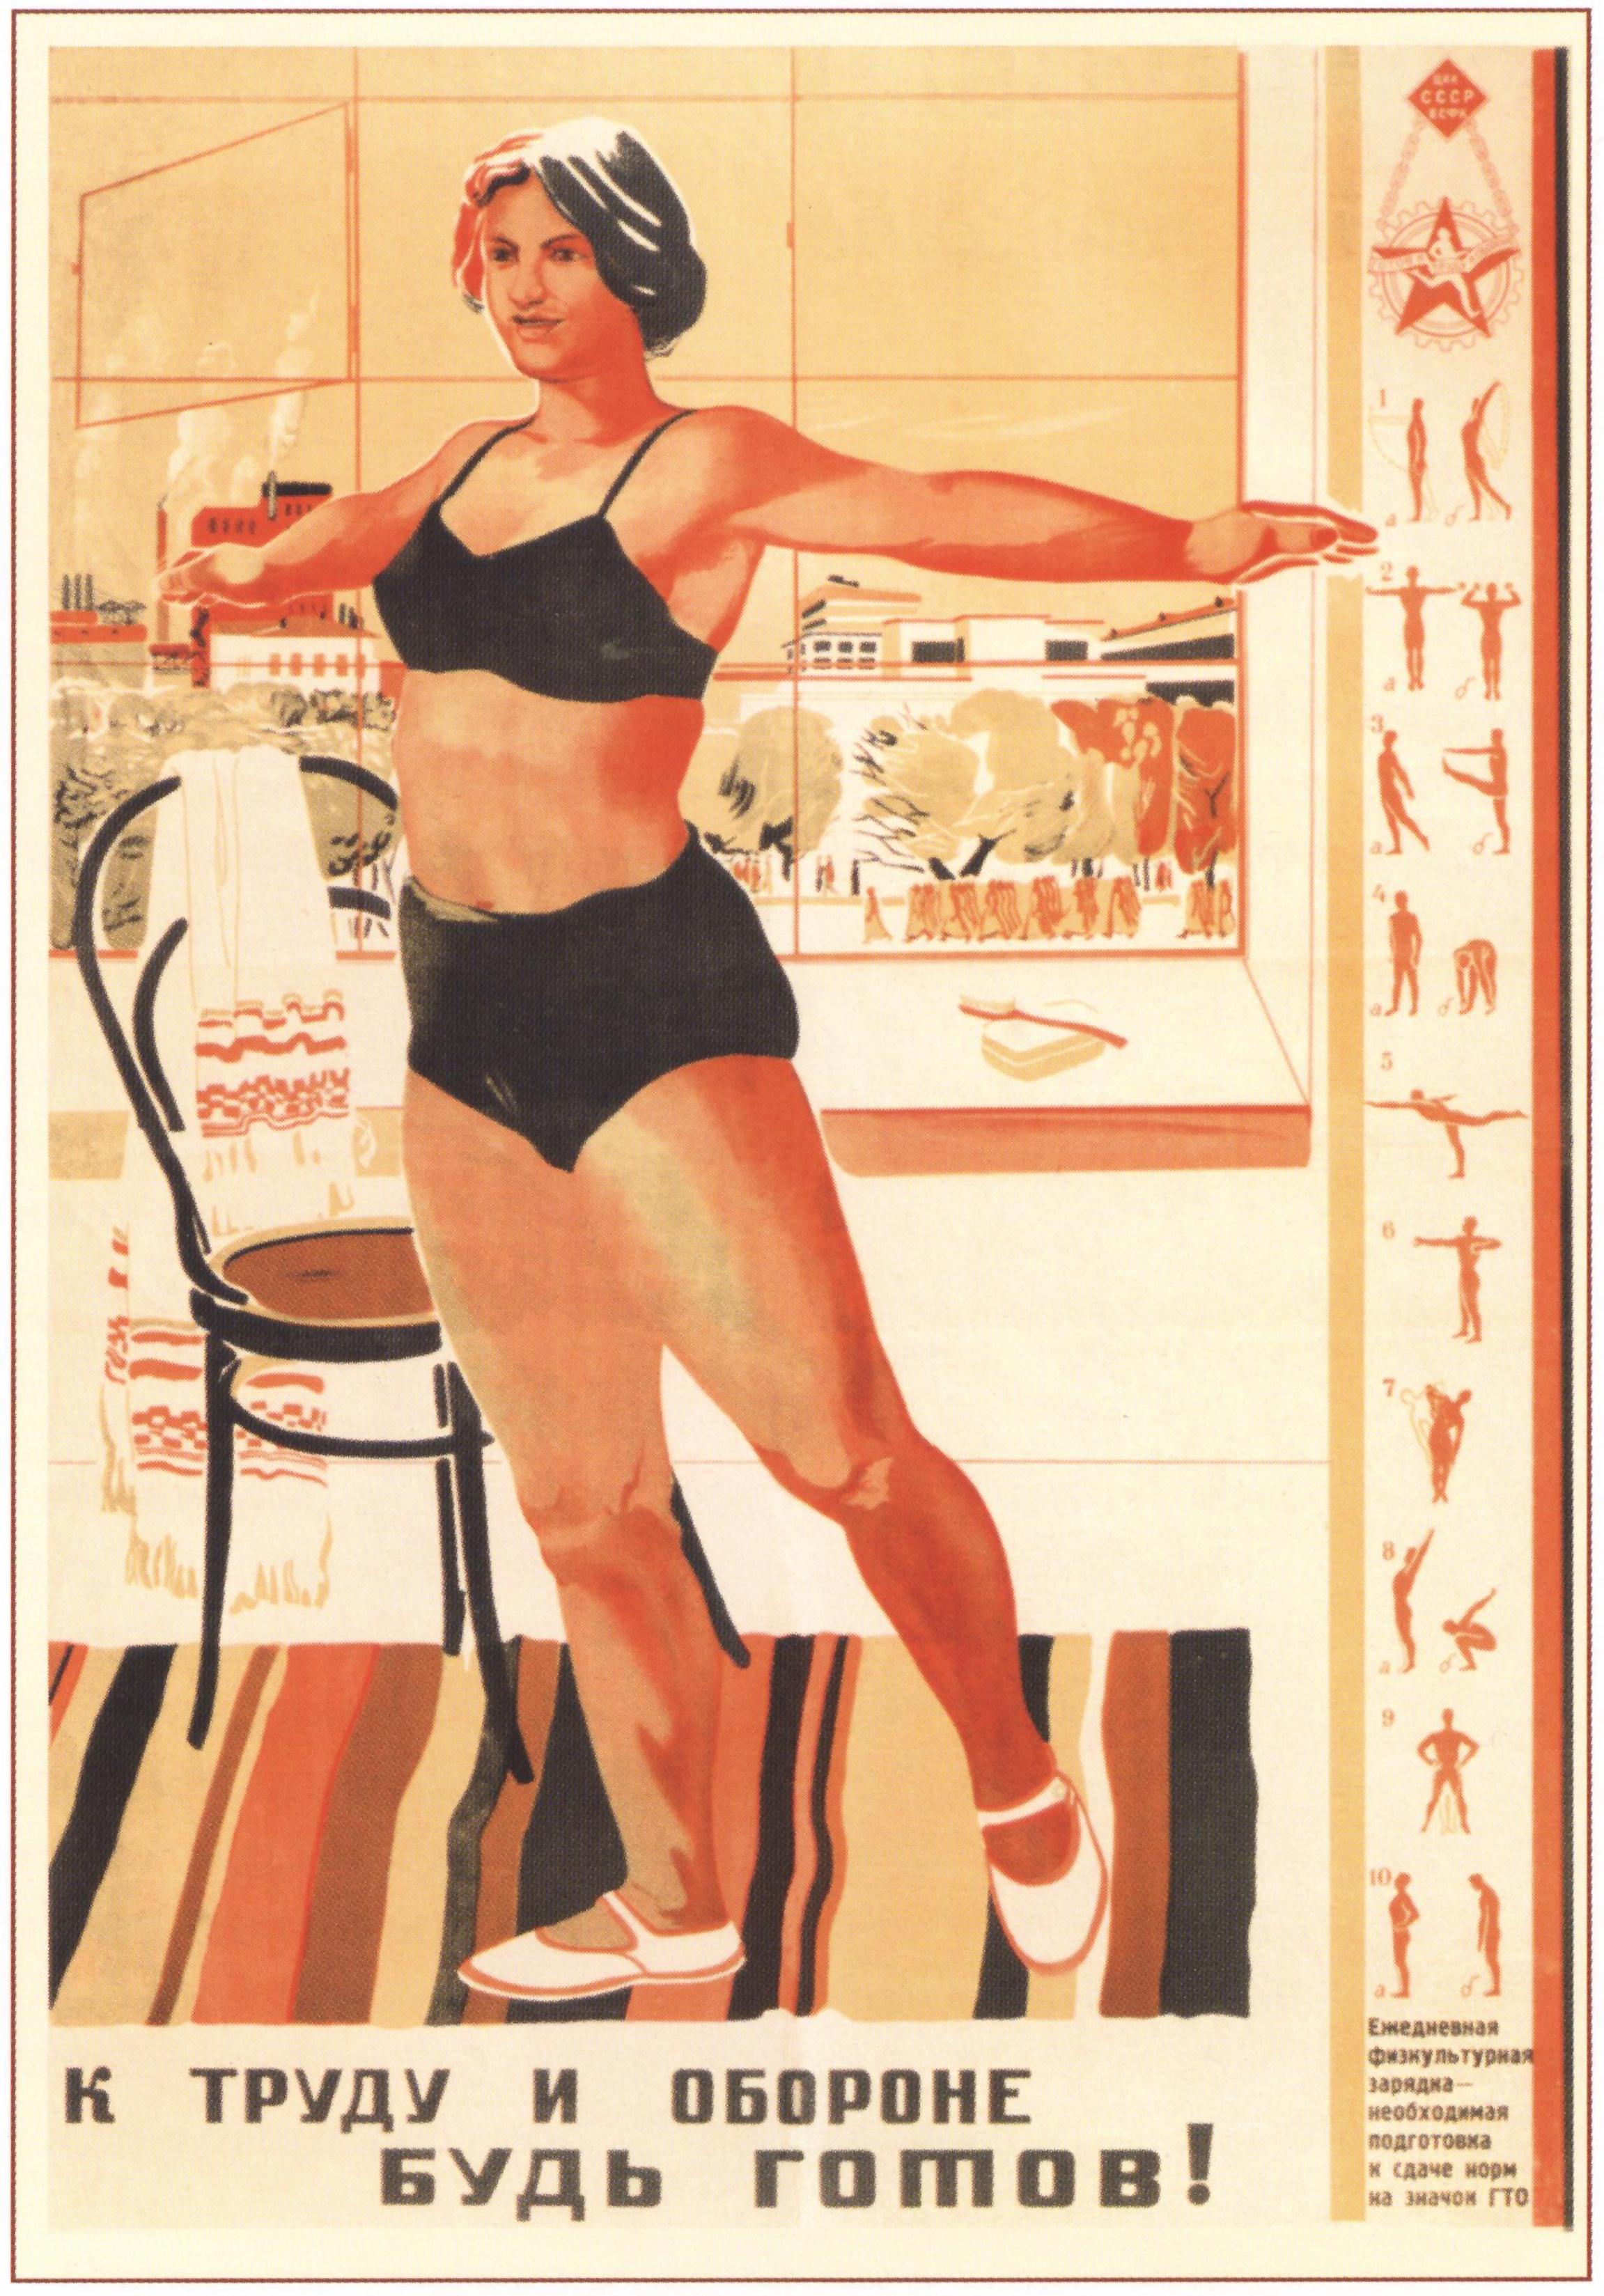 К труду и обороне будь готов! Автор: А. Кокорекин Год: 1934 Текст на плакате: Ежедневная физкультурная зарядка — необходимая подготовка к сдаче норм на значок ГТО